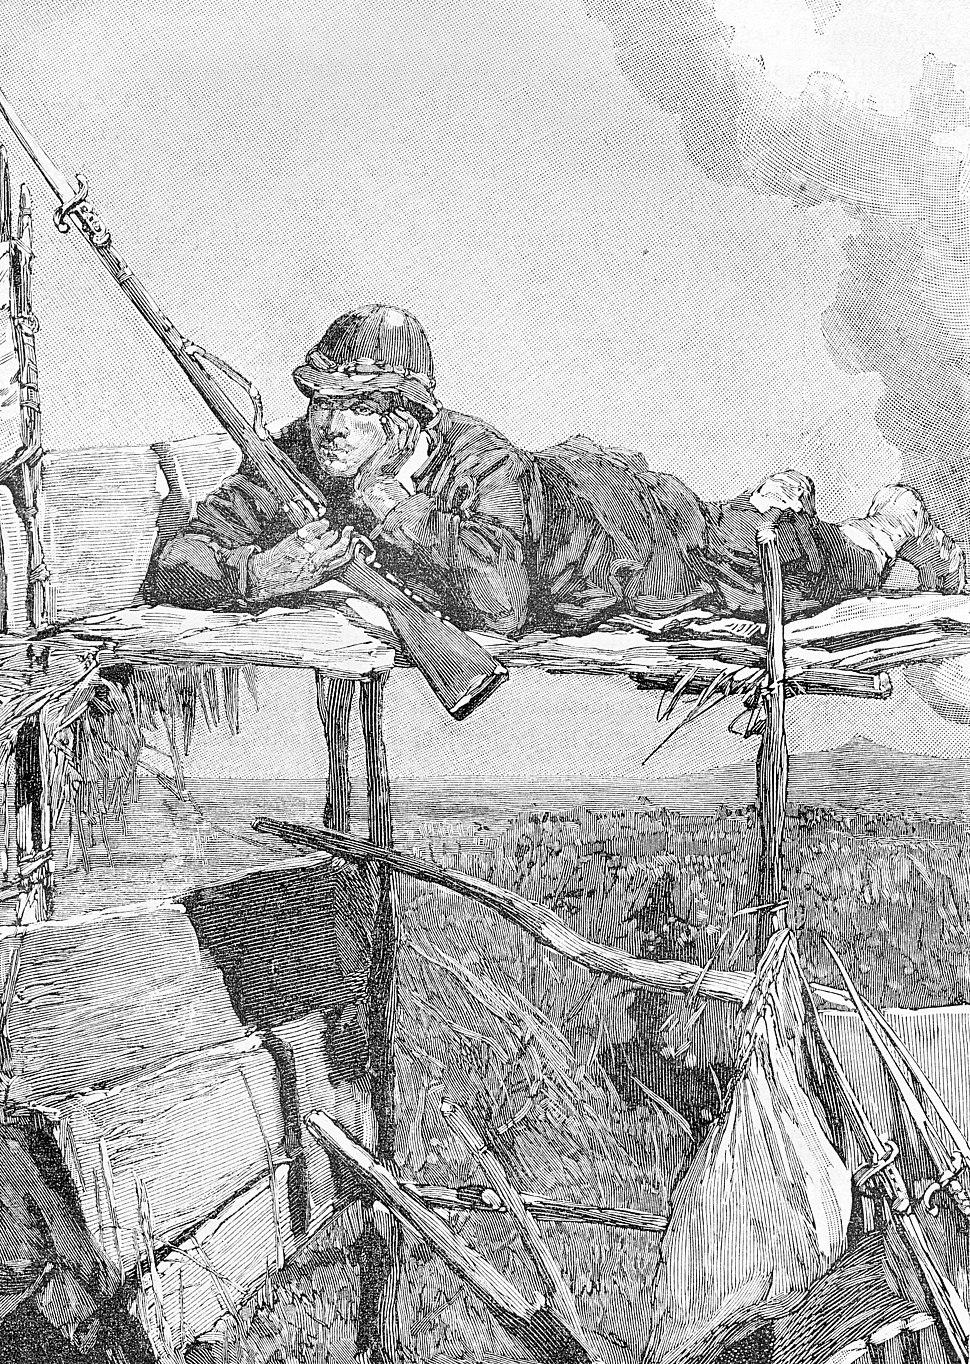 Legion sniper, Tuyen Quang